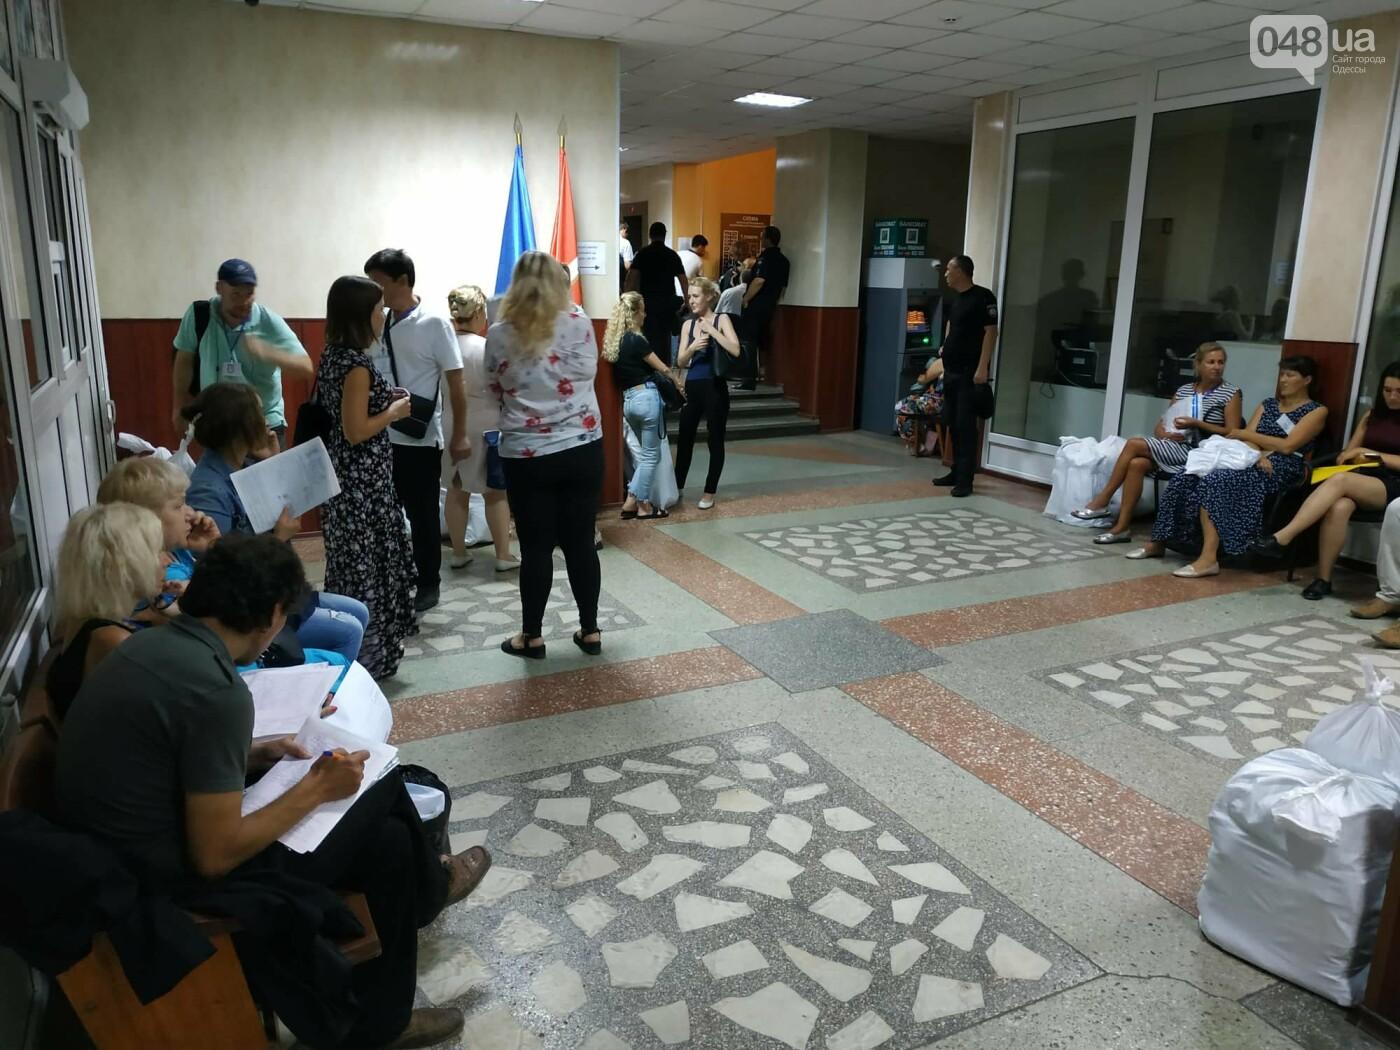 Как прошла ночь в ОИК в Одессе: полиция закрывает глаза на нарушения, - ФОТО, фото-10